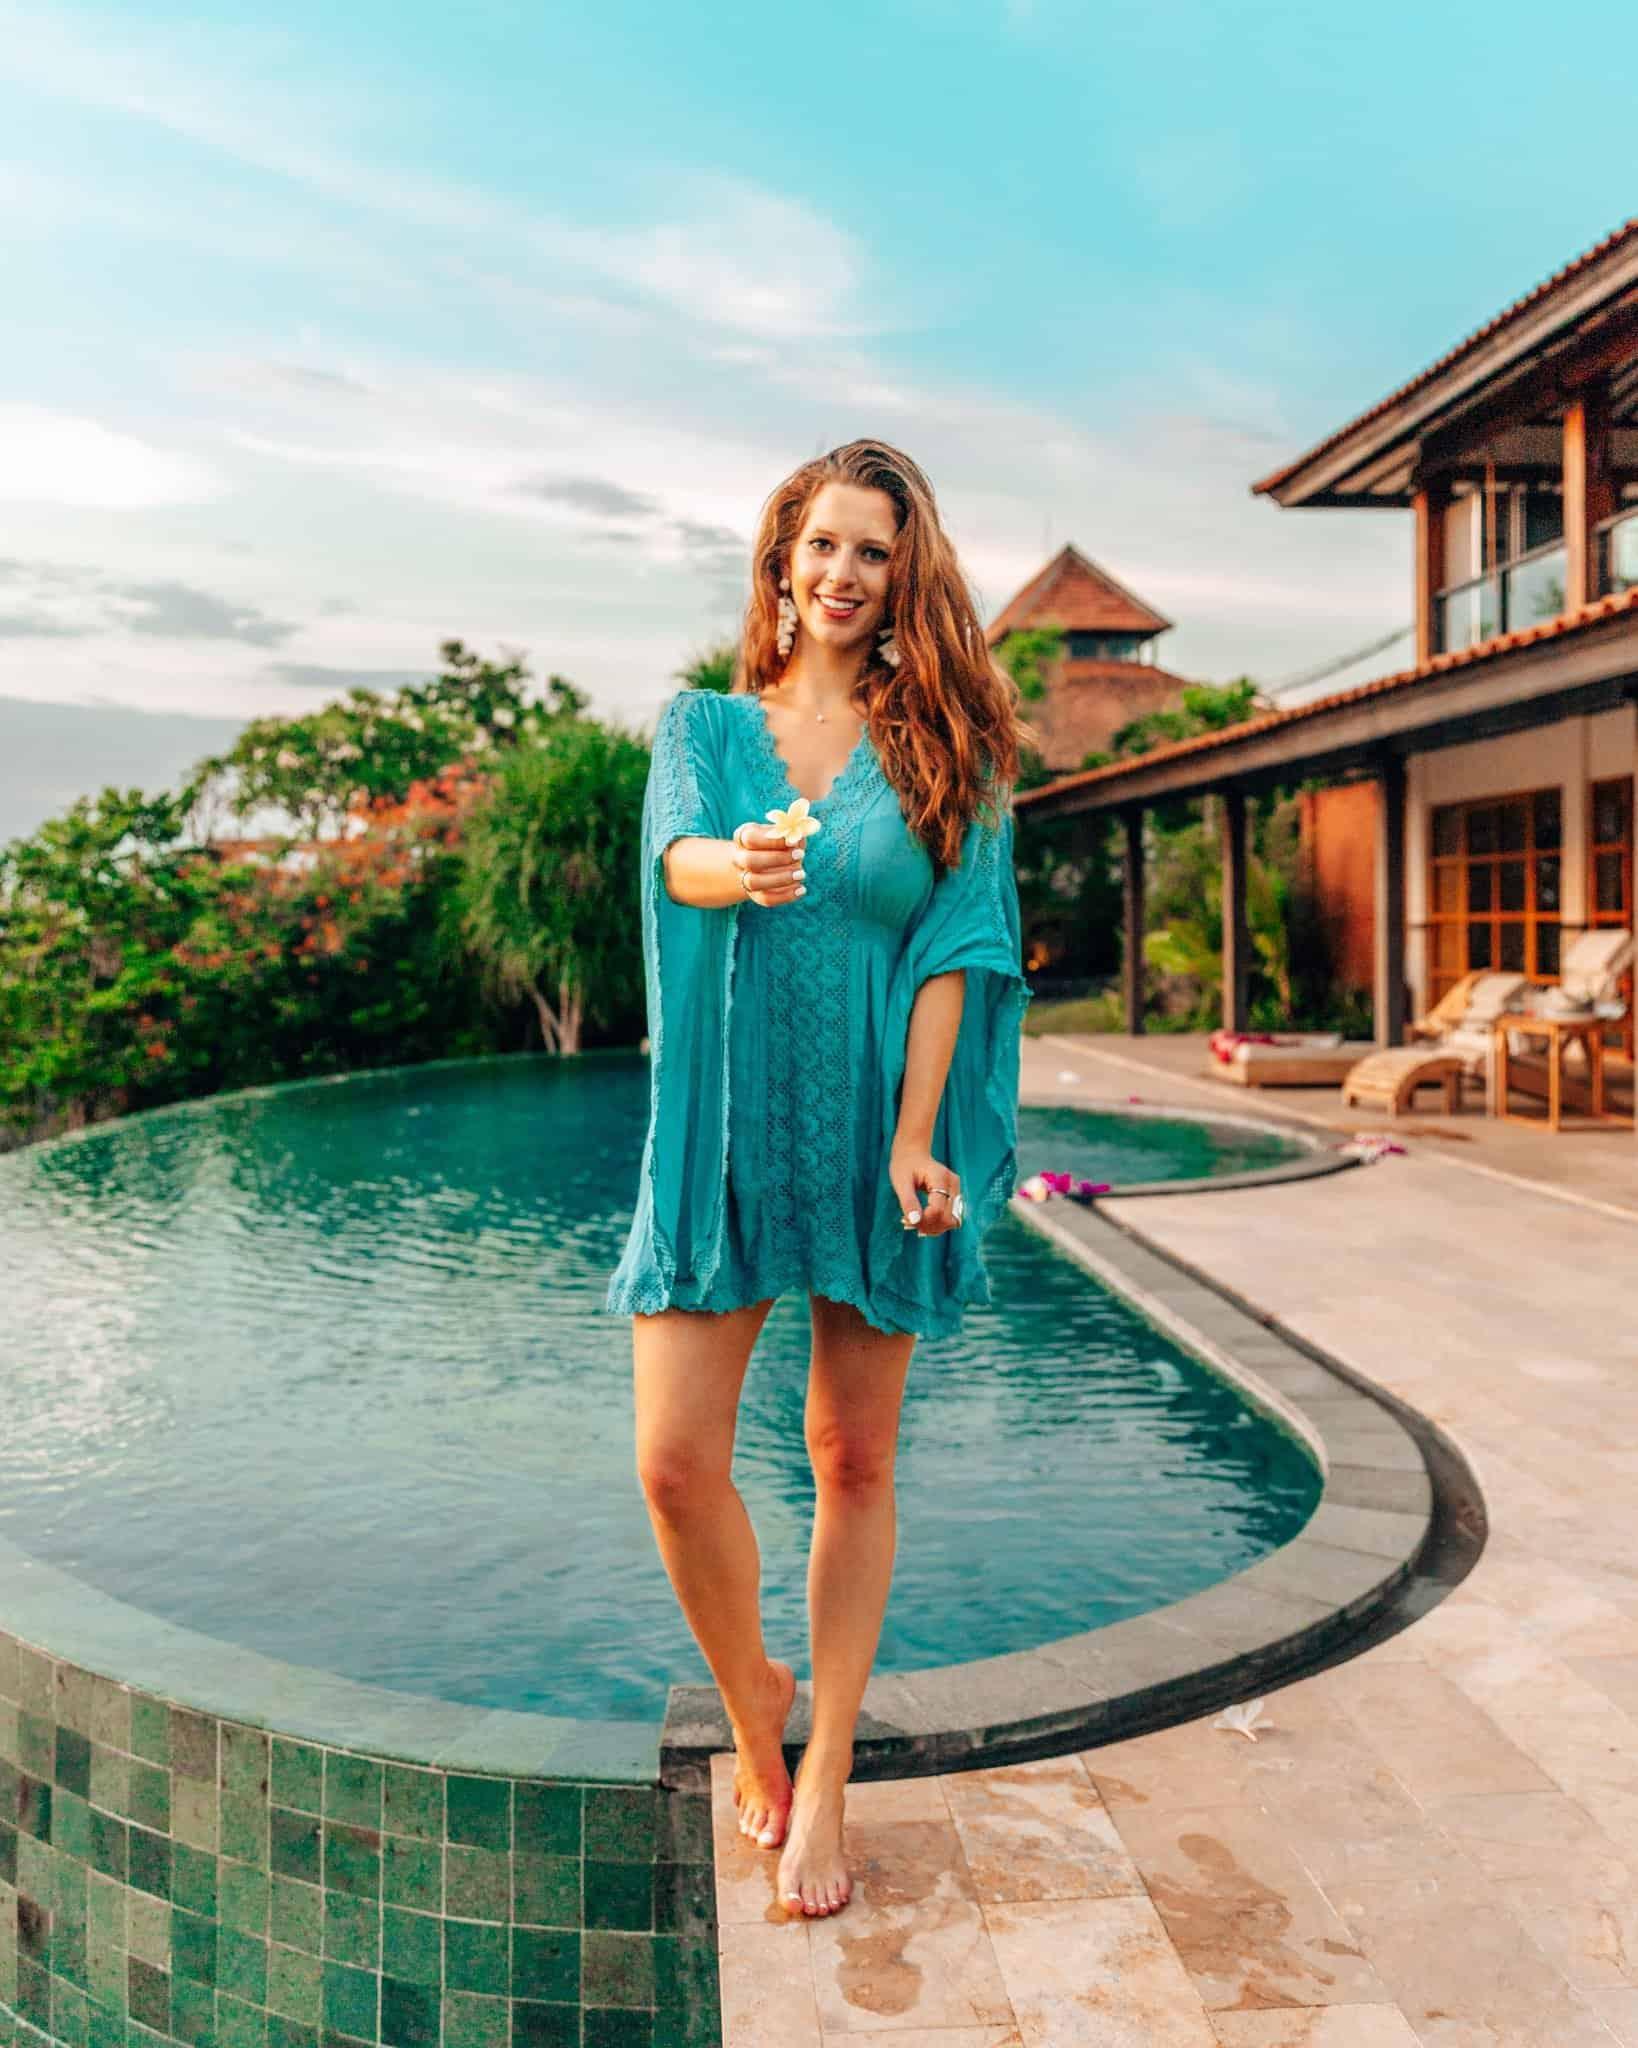 Pool and Bali Villa at Sumberkima Hill, Bali - The Next Trip